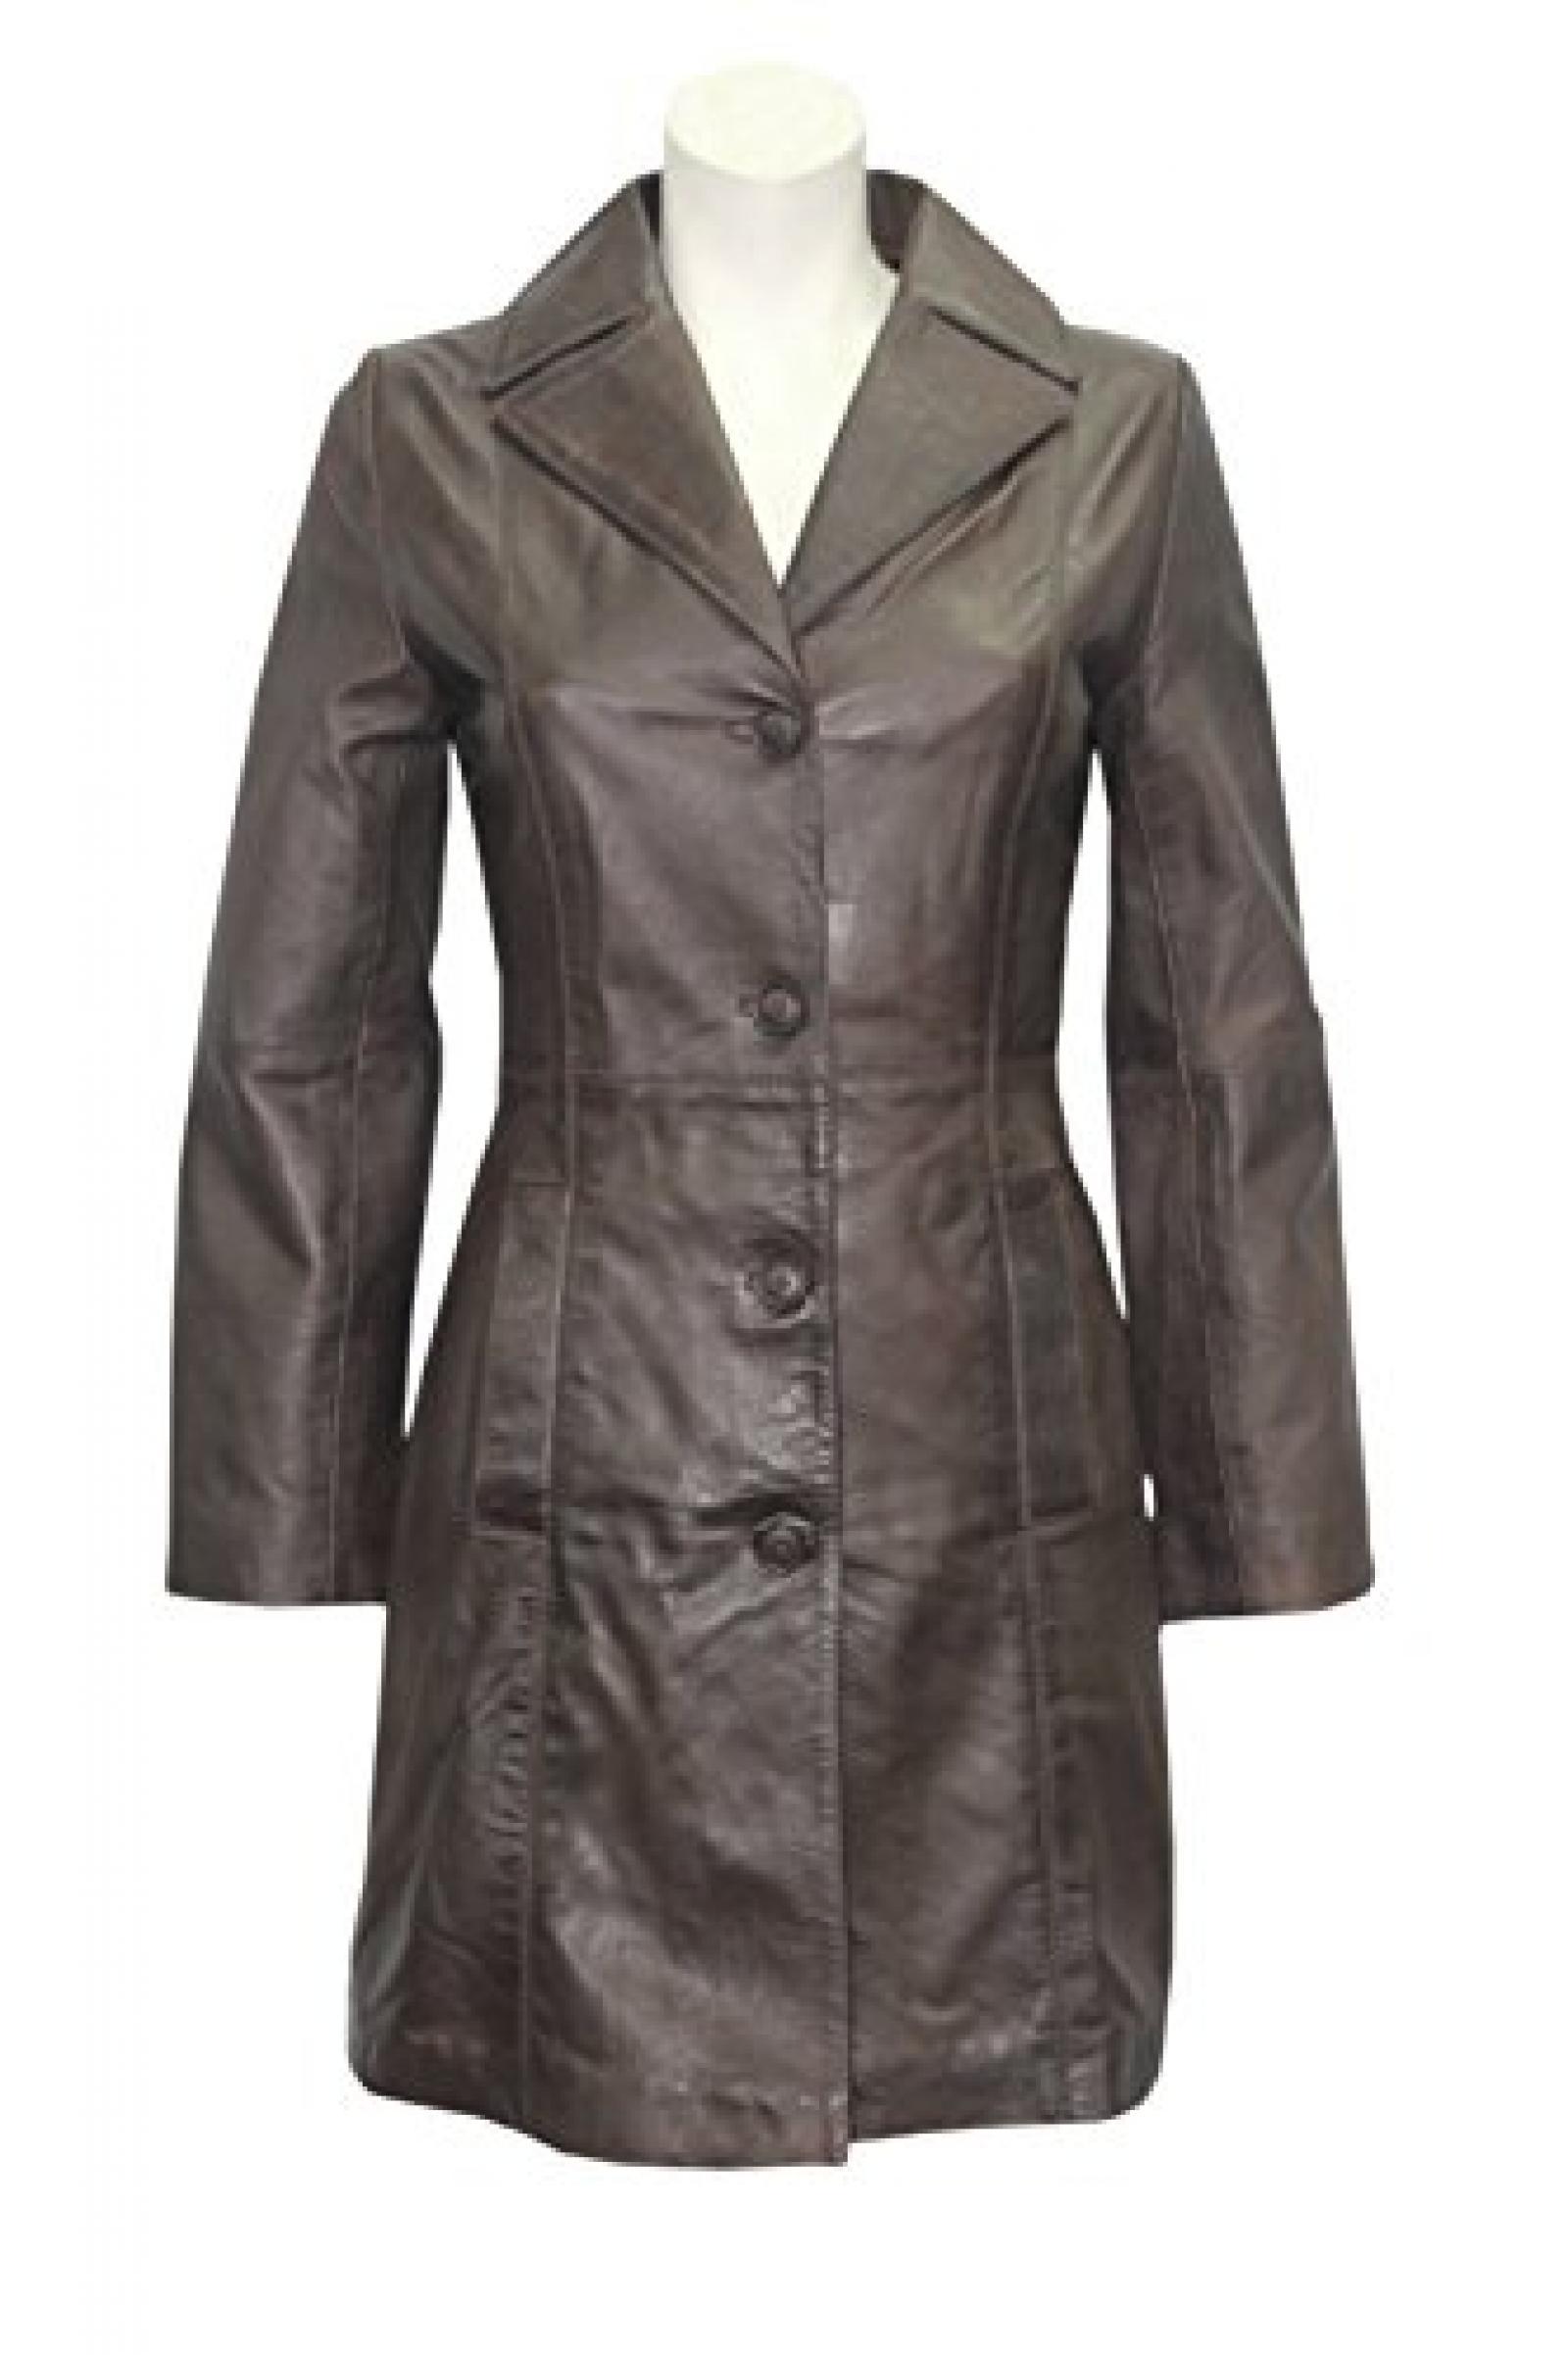 3457 CLAIRE Damenmode Einbau BROWN knielange Echtlederjacke -Mantel